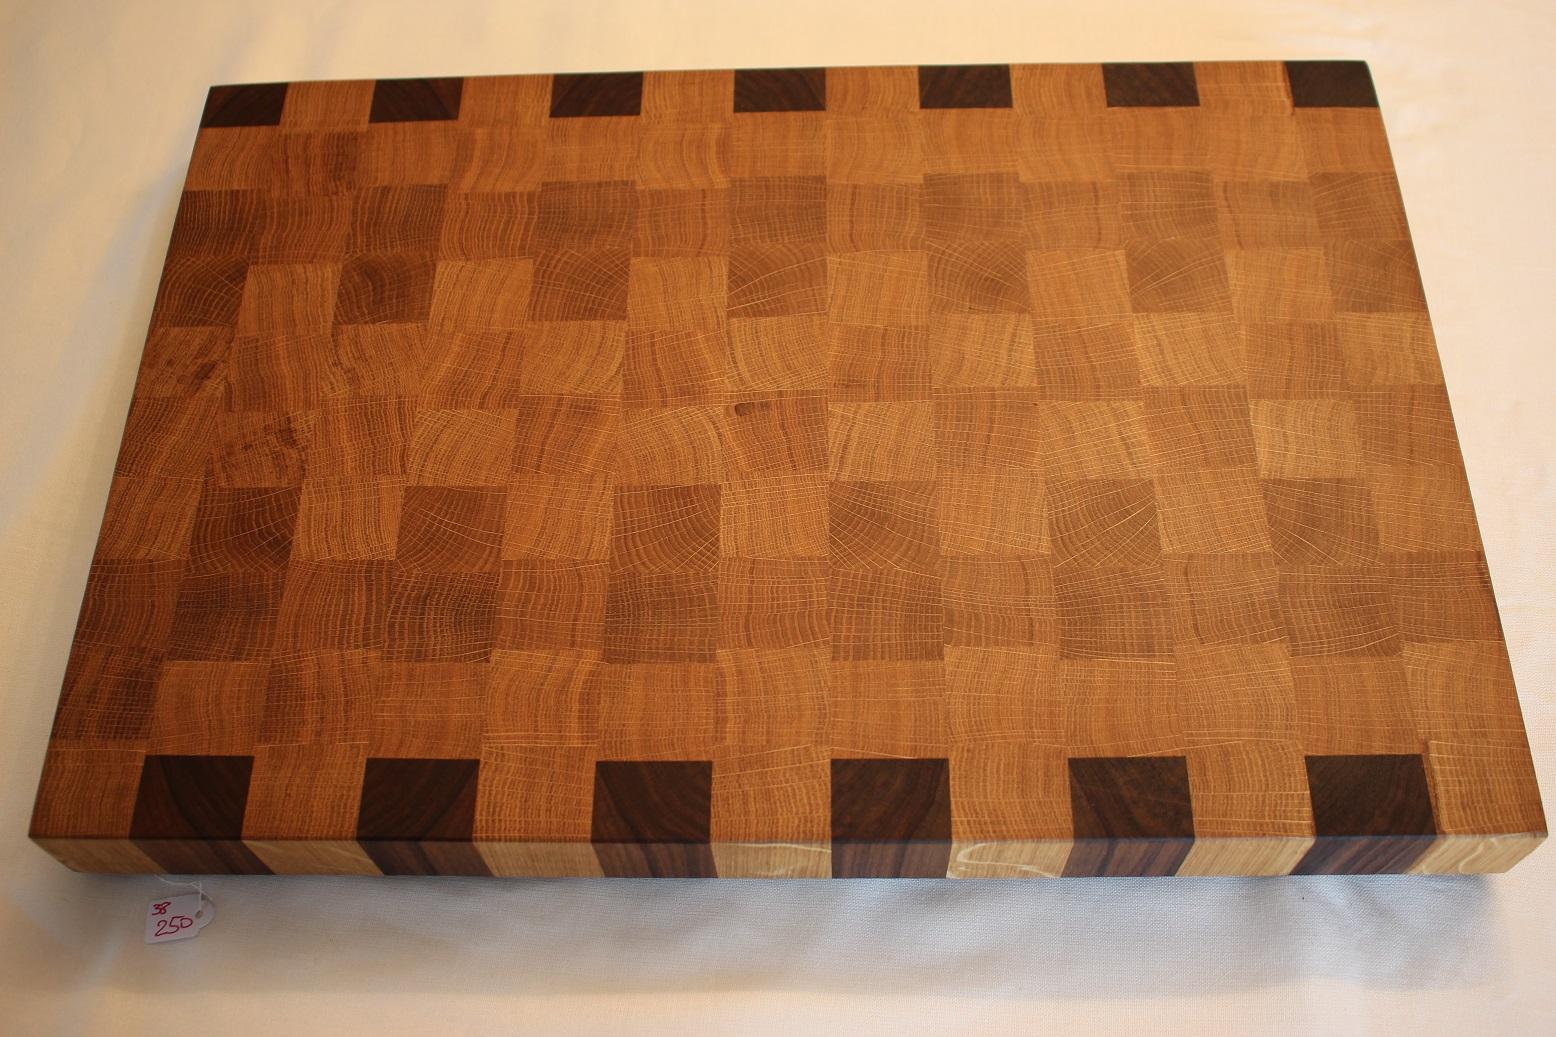 Stirnholz Premium Schneidebrett Vollholz Eiche Esche Nussbaum Endgrain Cuttingboard Oak Ash Walnut